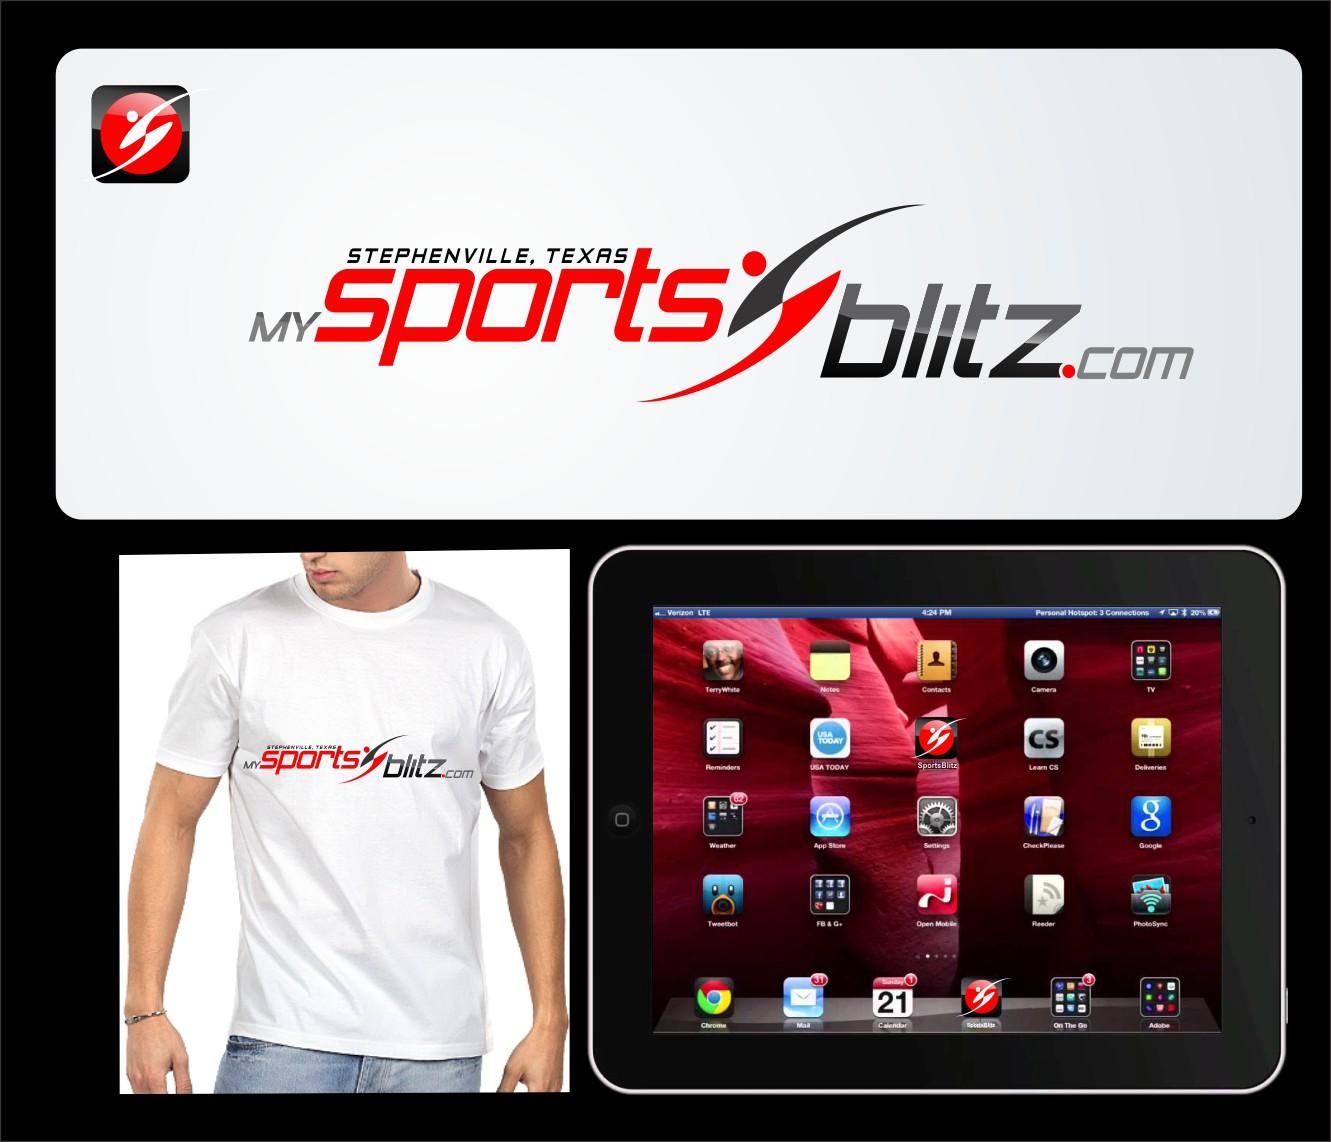 Sports Blitz needs a new logo